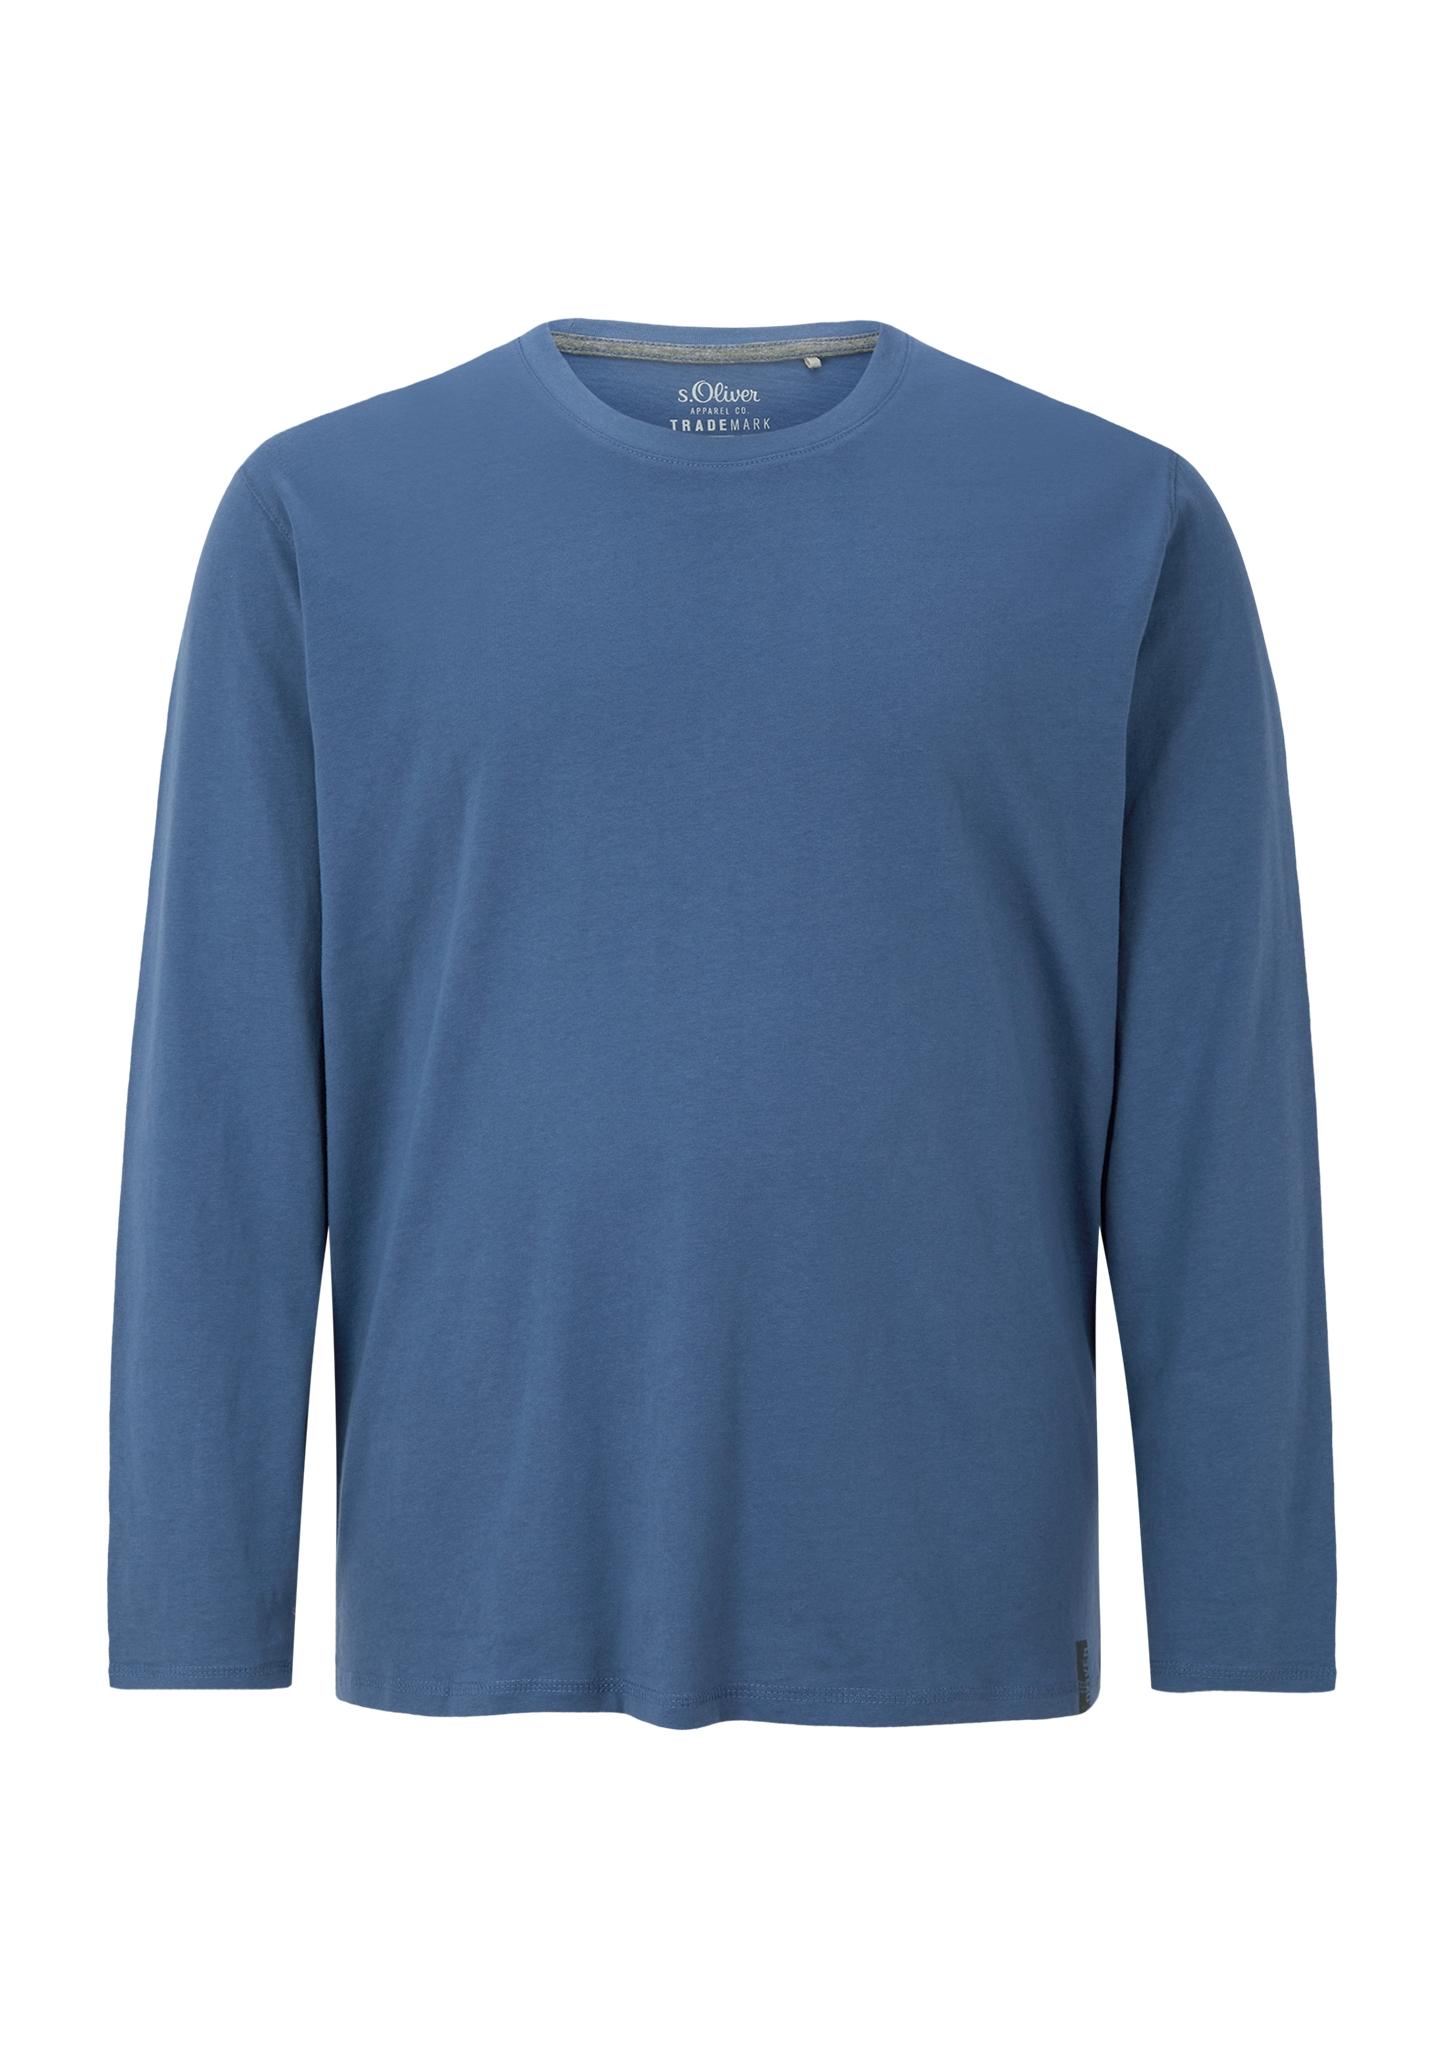 Langarmshirt | Bekleidung > Shirts > Langarm Shirts | s.Oliver Men Big Sizes